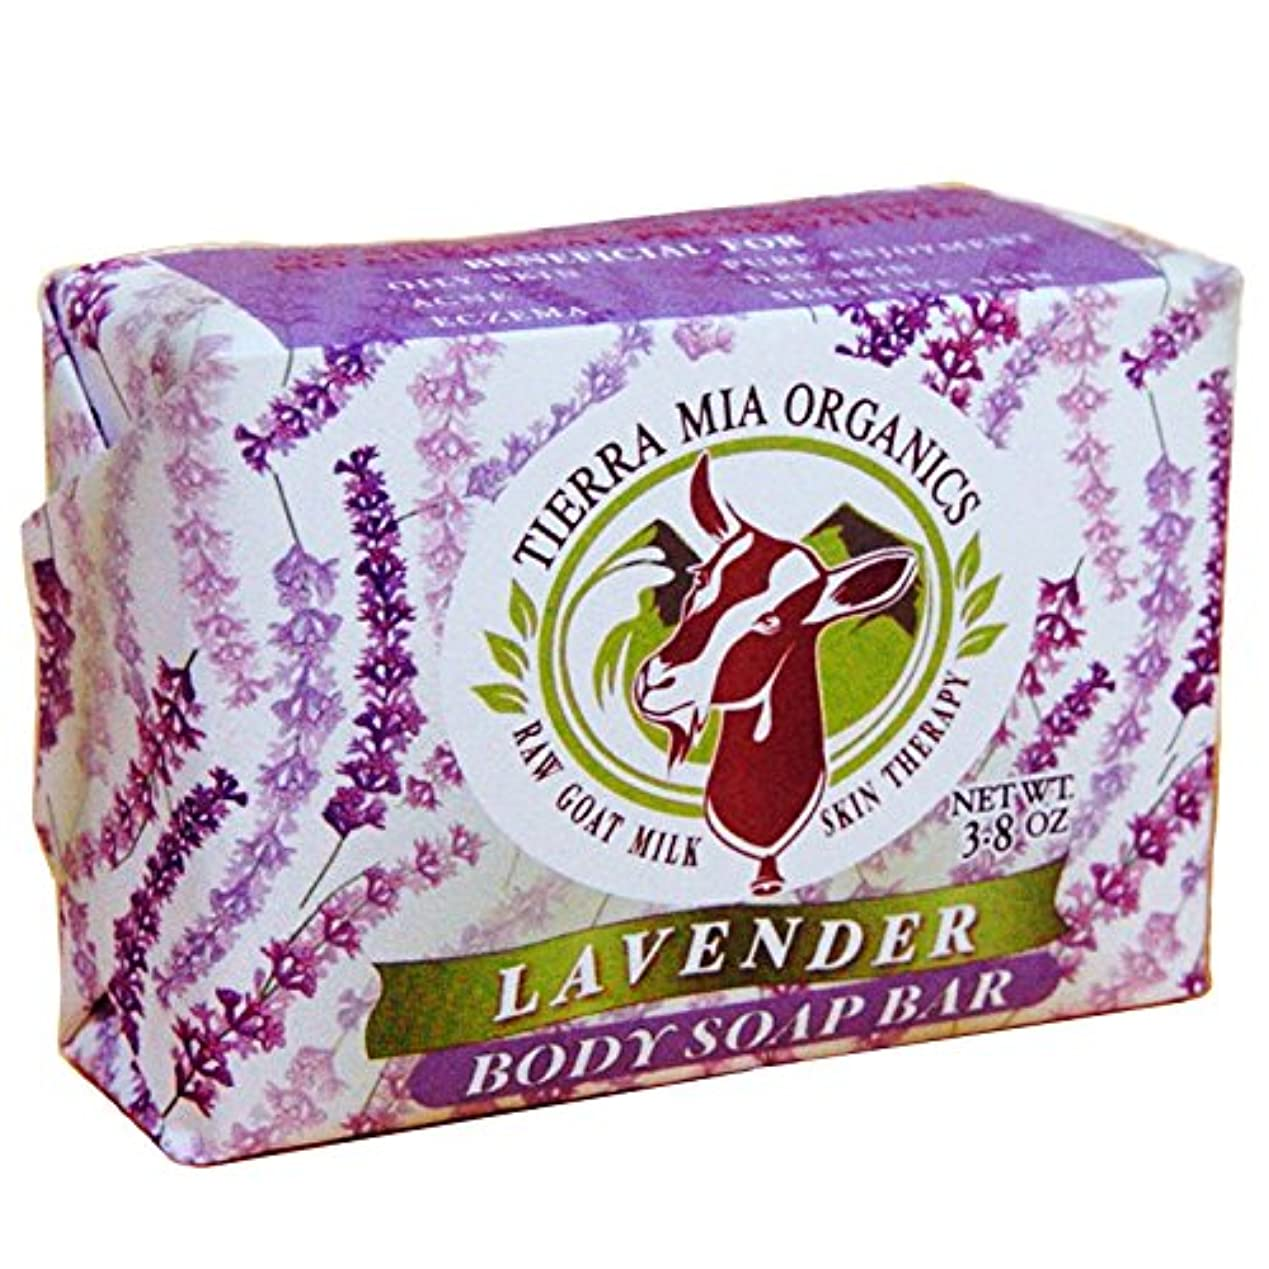 オープニング砂利住むTierra Mia Organics, Raw Goat Milk Skin Therapy, Body Soap Bar, Lavender, 4.2 oz